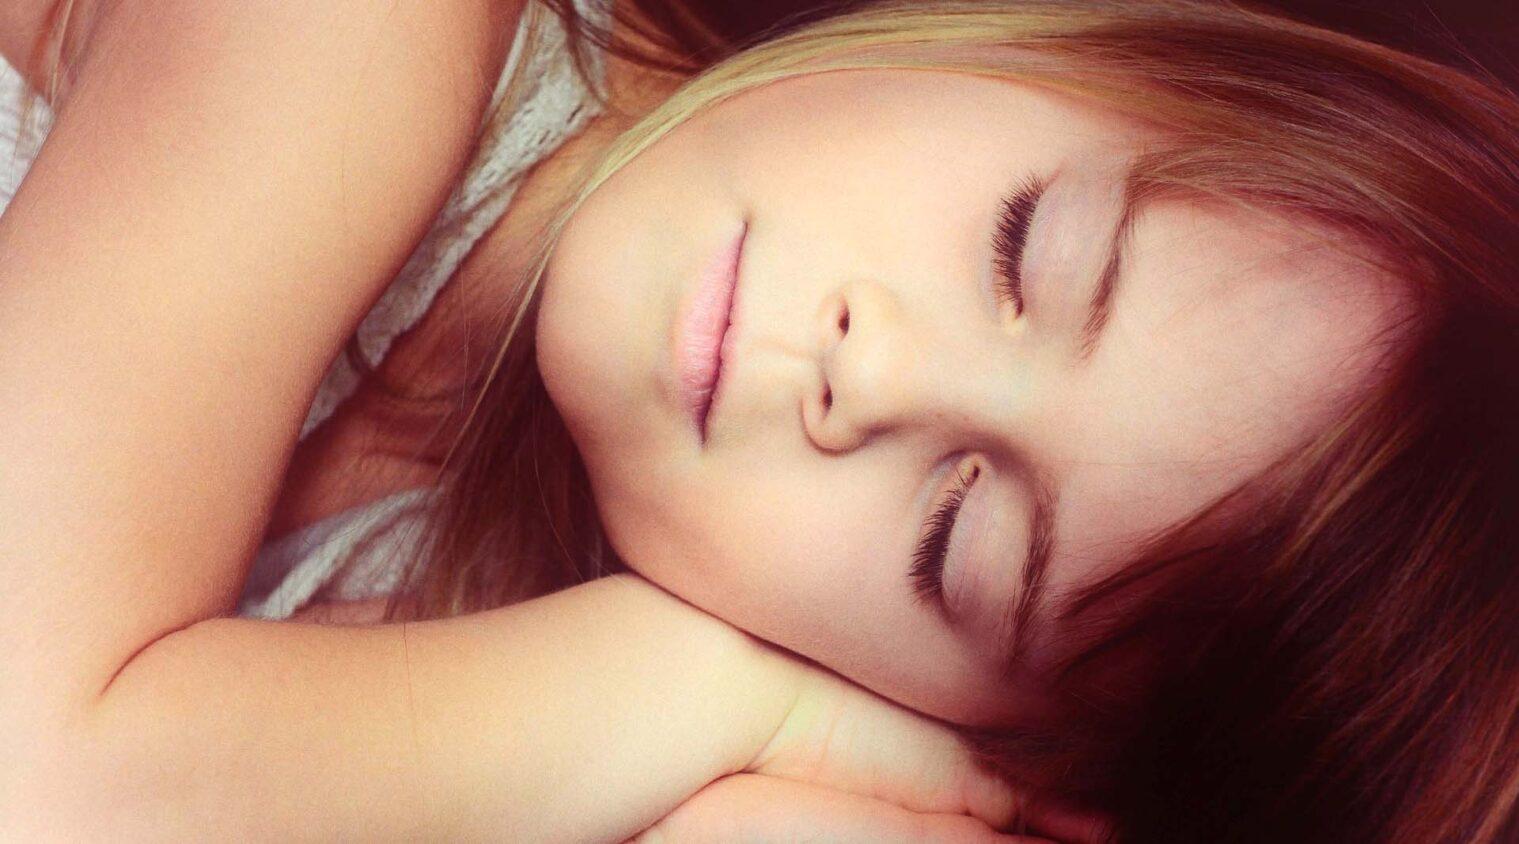 Ansikte på flicka med slutna ögon, händerna under kinden.